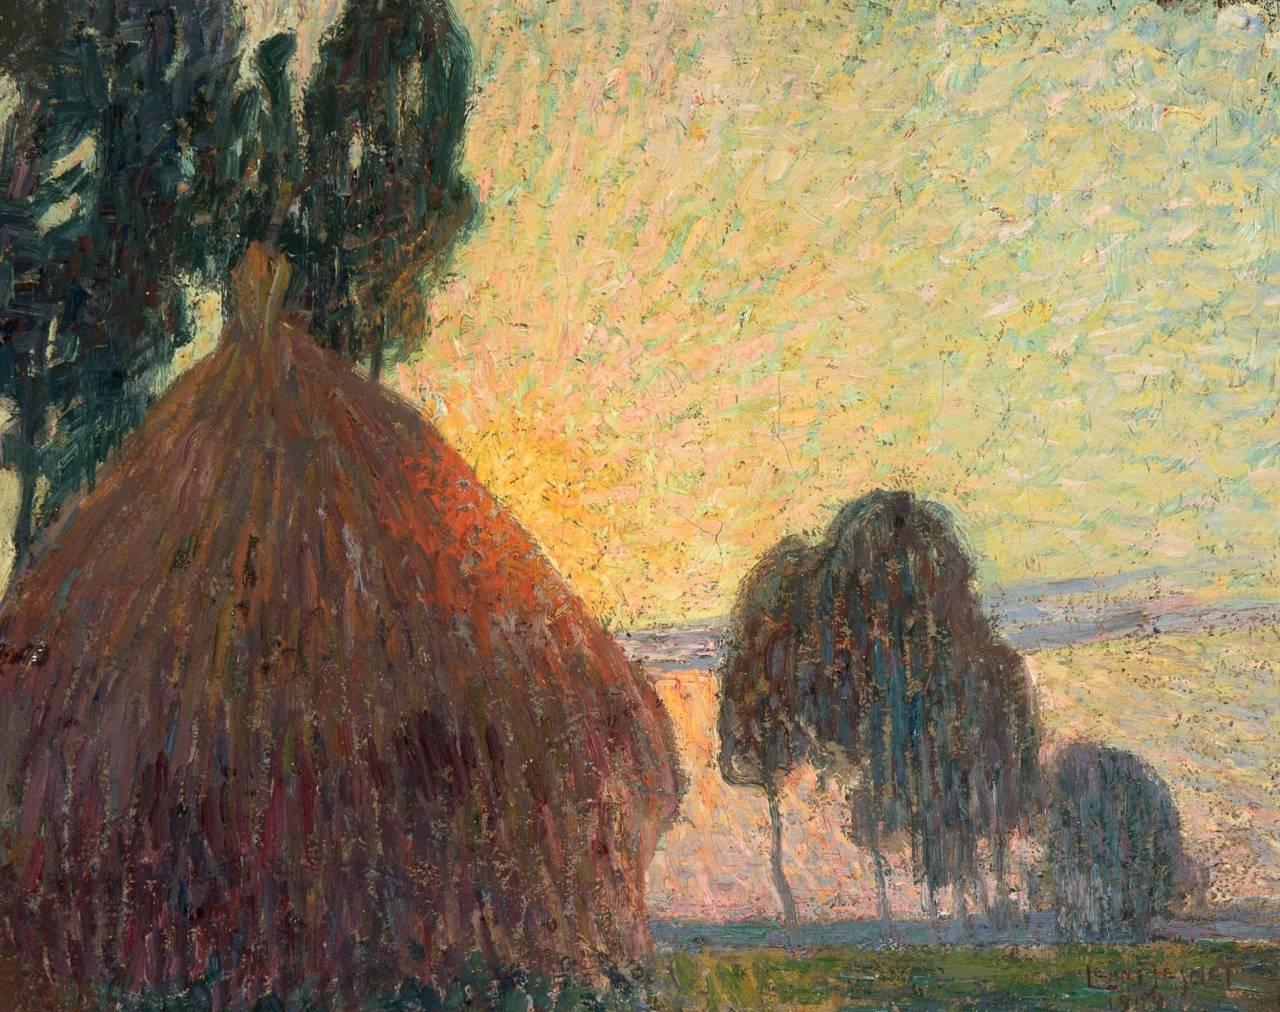 """thunderstruck9:"""" Léon De Smet (Belgian, 1881-1966), Meule de foin au coucher du soleil [Haystack at Sunset], 1904. Canvas, 27.8 x 25.6 cm."""""""